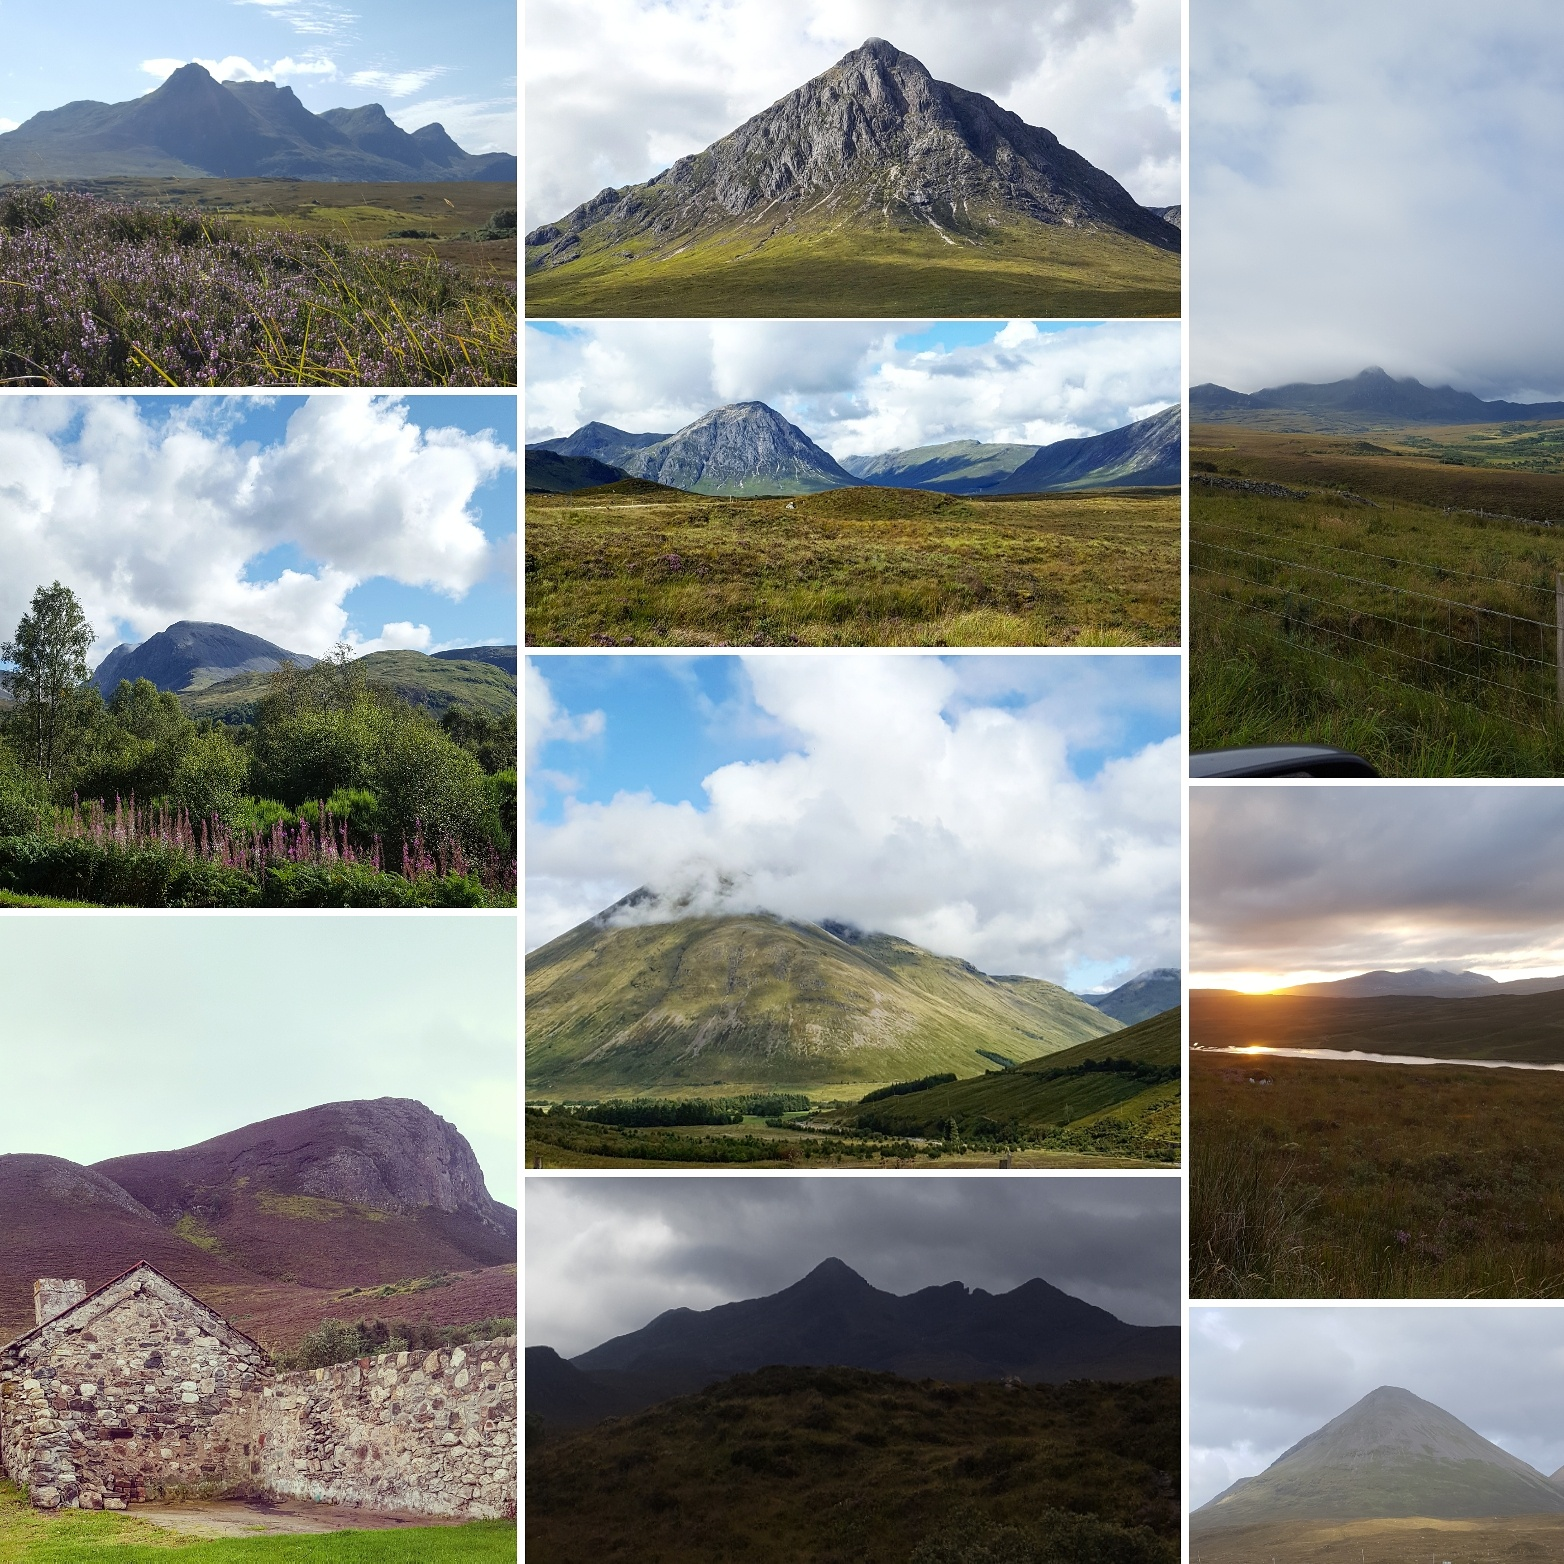 Ben Loyal - Buachaille Etive Mor - Beinn Dorain - Ben Nevis - Ridge in Skye - The Last Krystallos